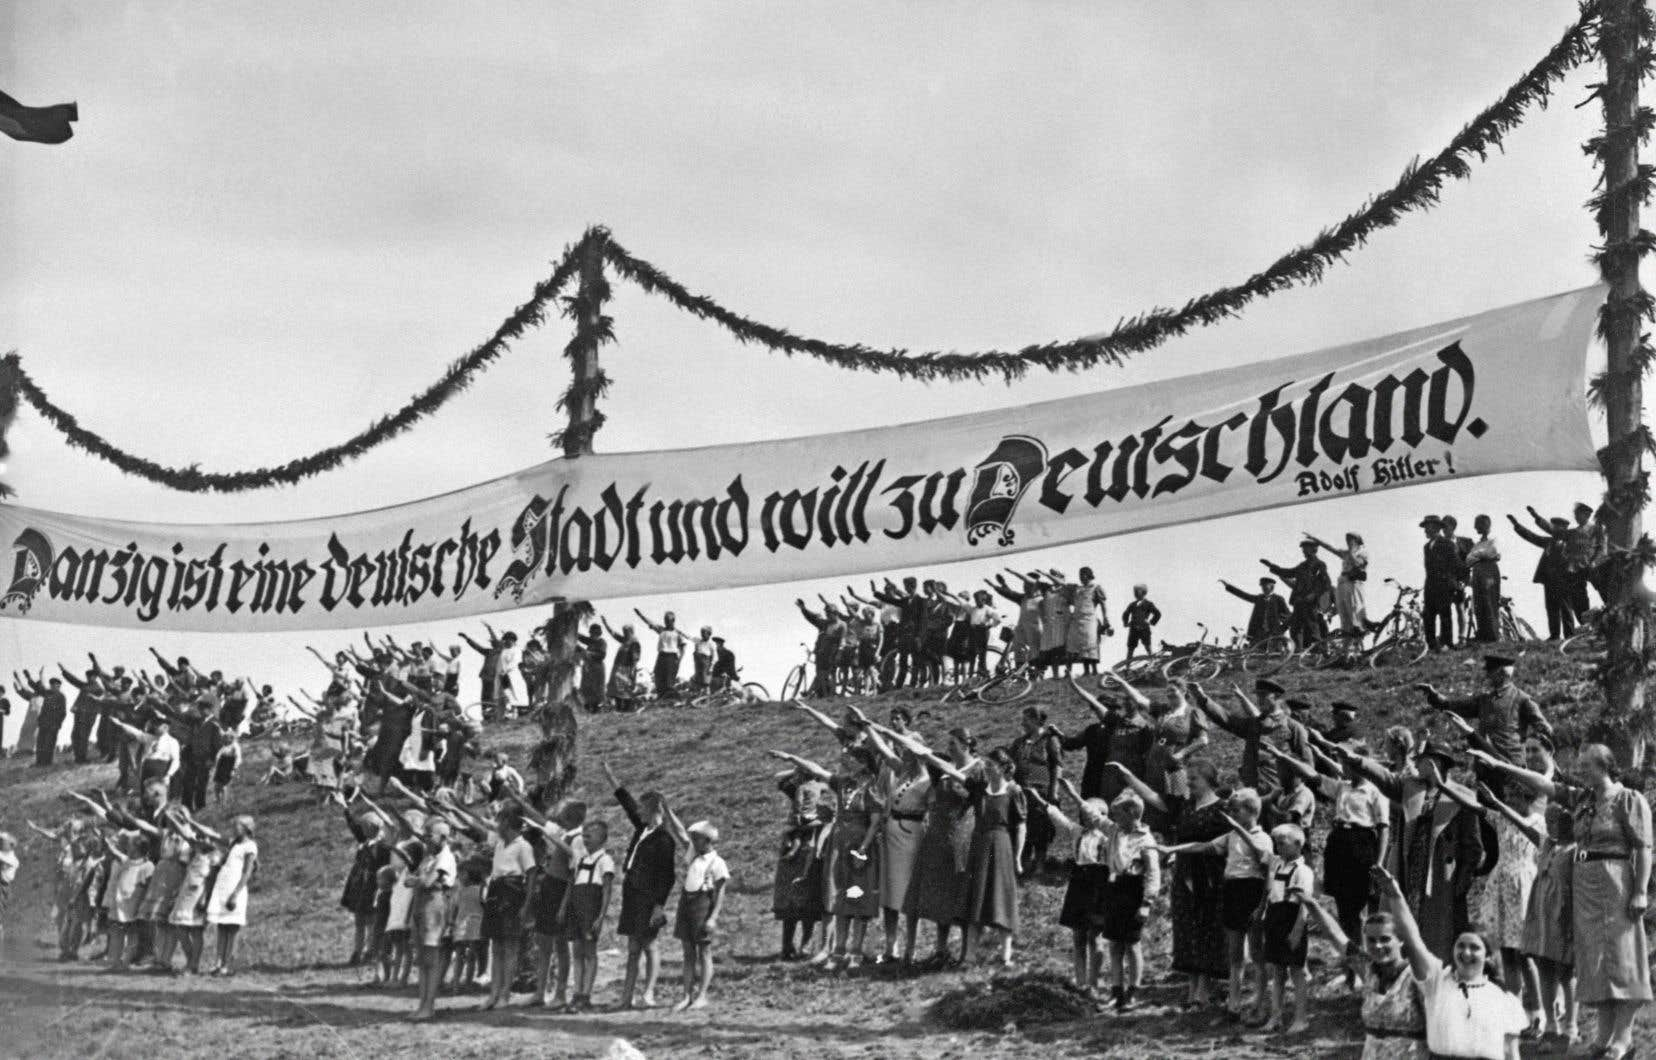 Des partisans nazis font le salut fasciste, en 1939, sous une bannière écrite en lettres gothiques réclamant le retour de la ville polonaise de Dantzig au sein de l'Allemagne.